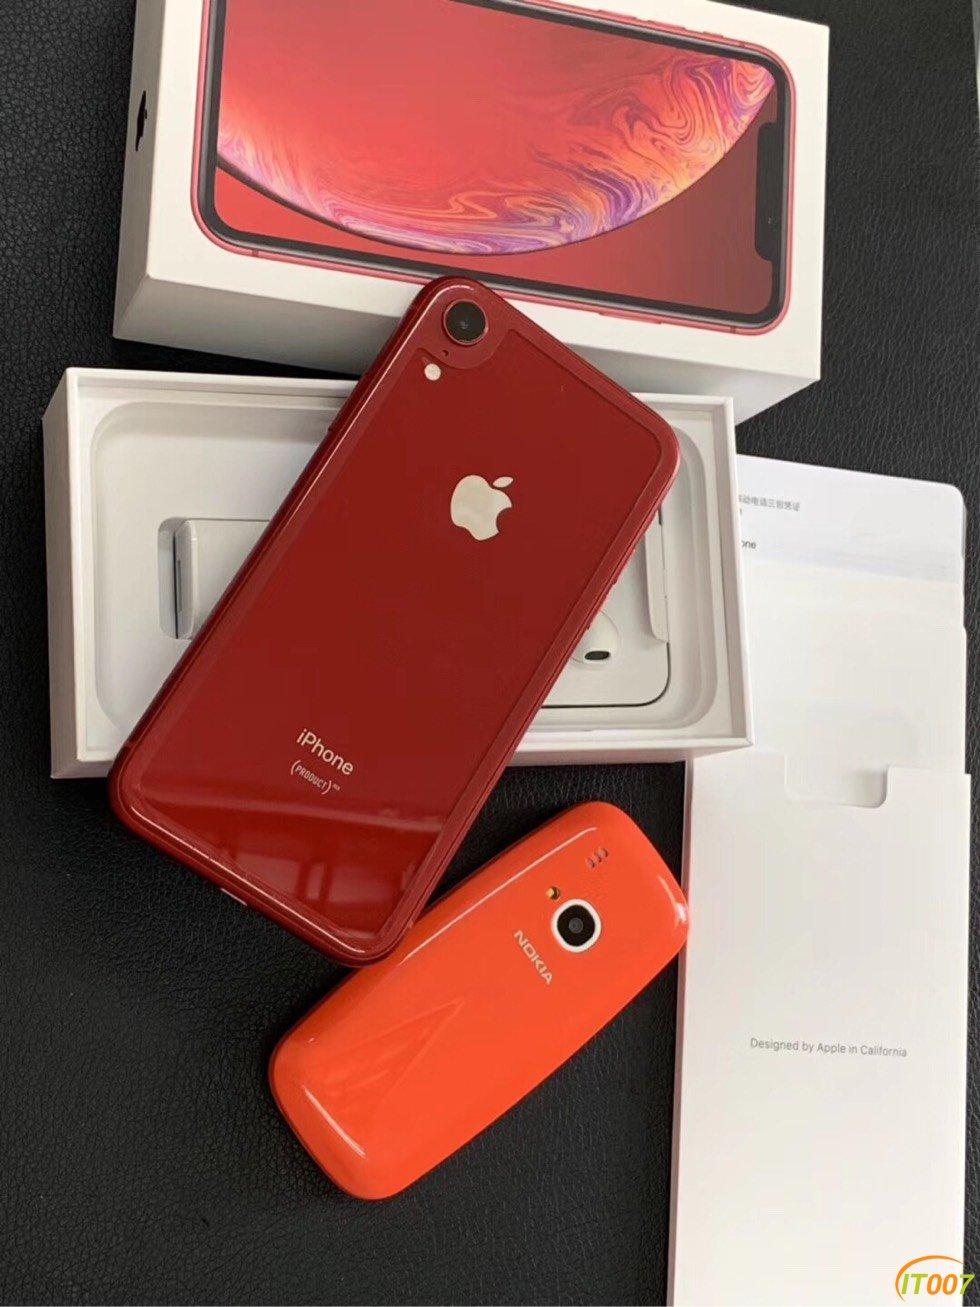 iPhone xr 128G 国行全网通 双卡 成色准新 原装配件齐 整机前后贴膜